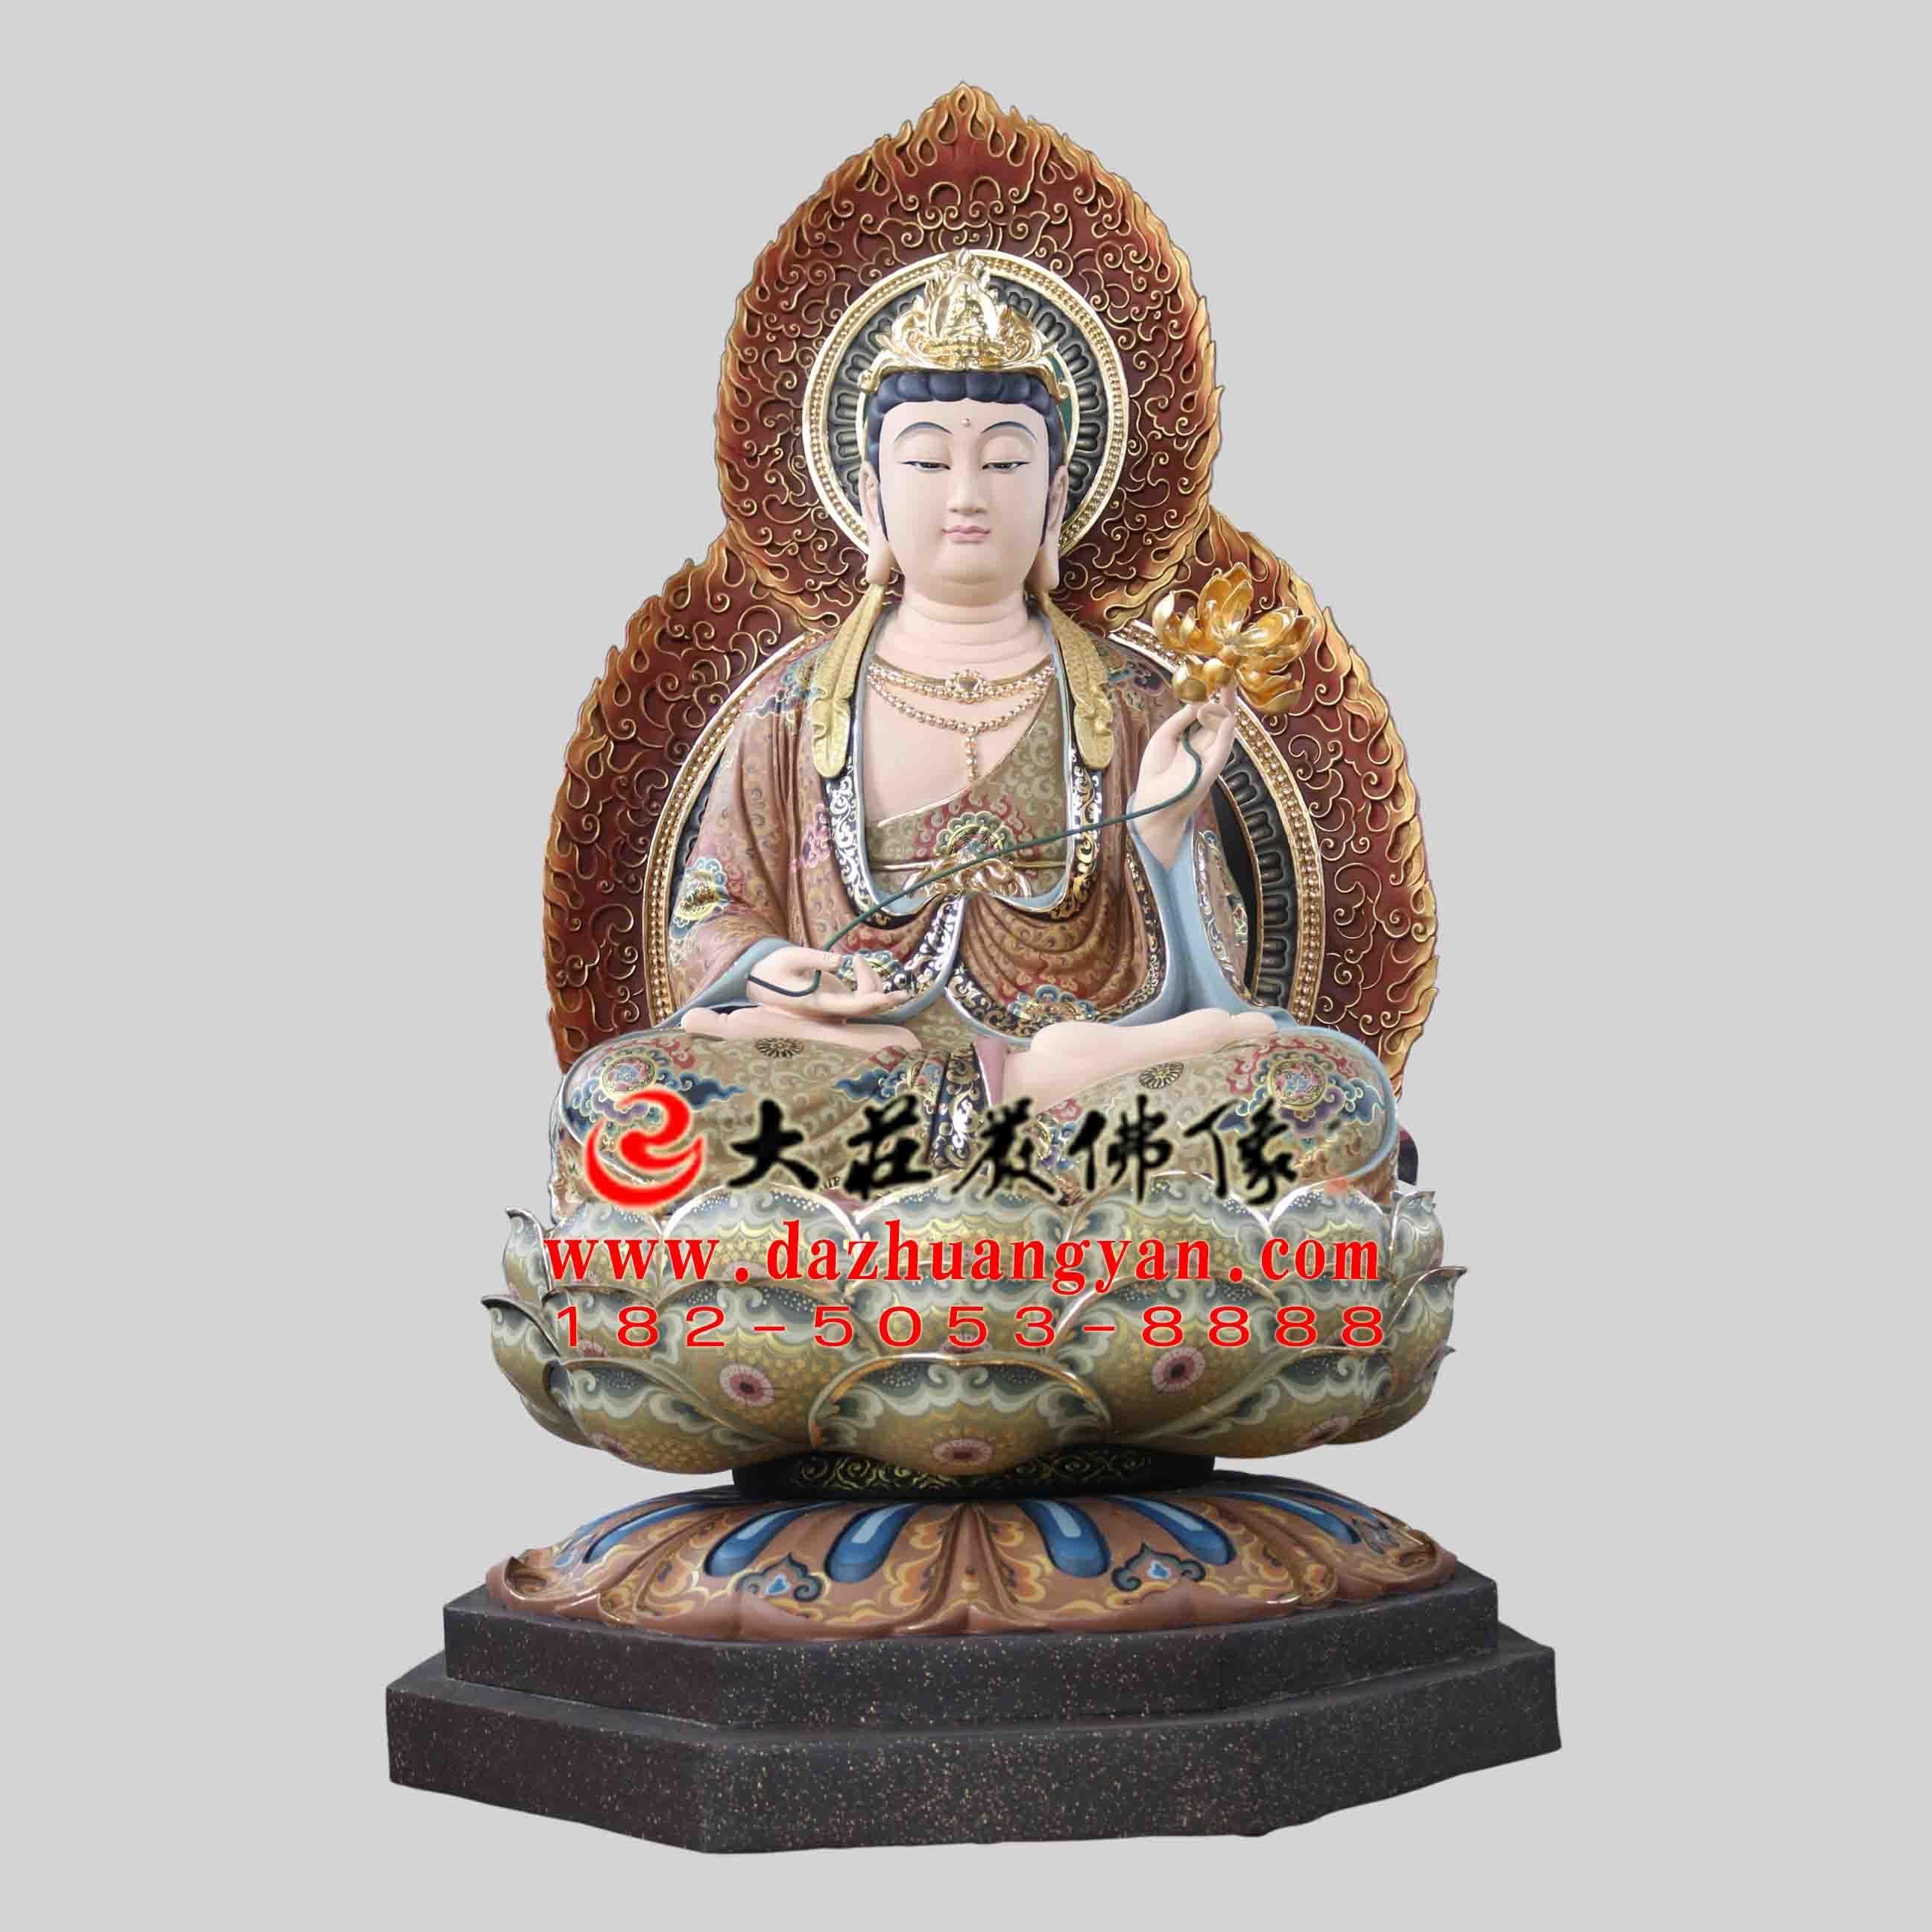 铜雕西方三圣之大势至菩萨彩绘塑像